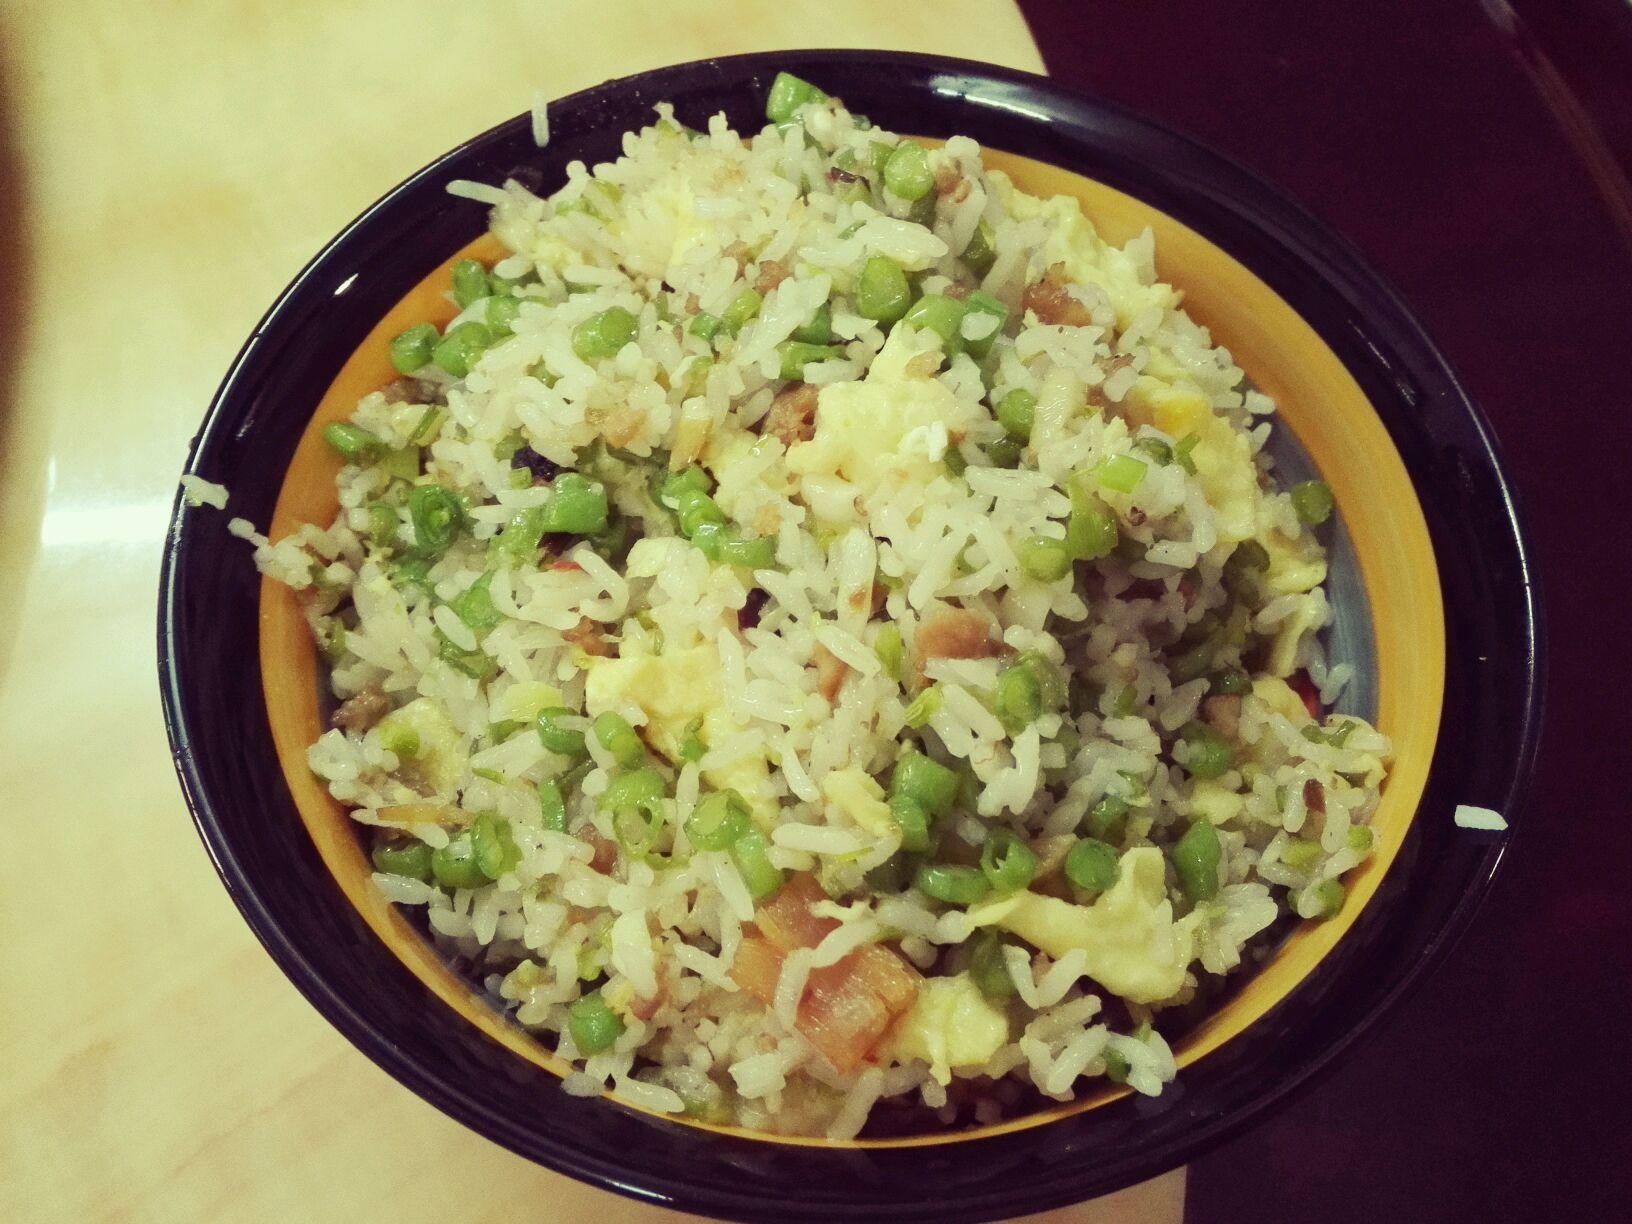 葱白少许 油少许 肉酱少许 隔夜米饭3碗 虹豆蛋炒饭的做法步骤